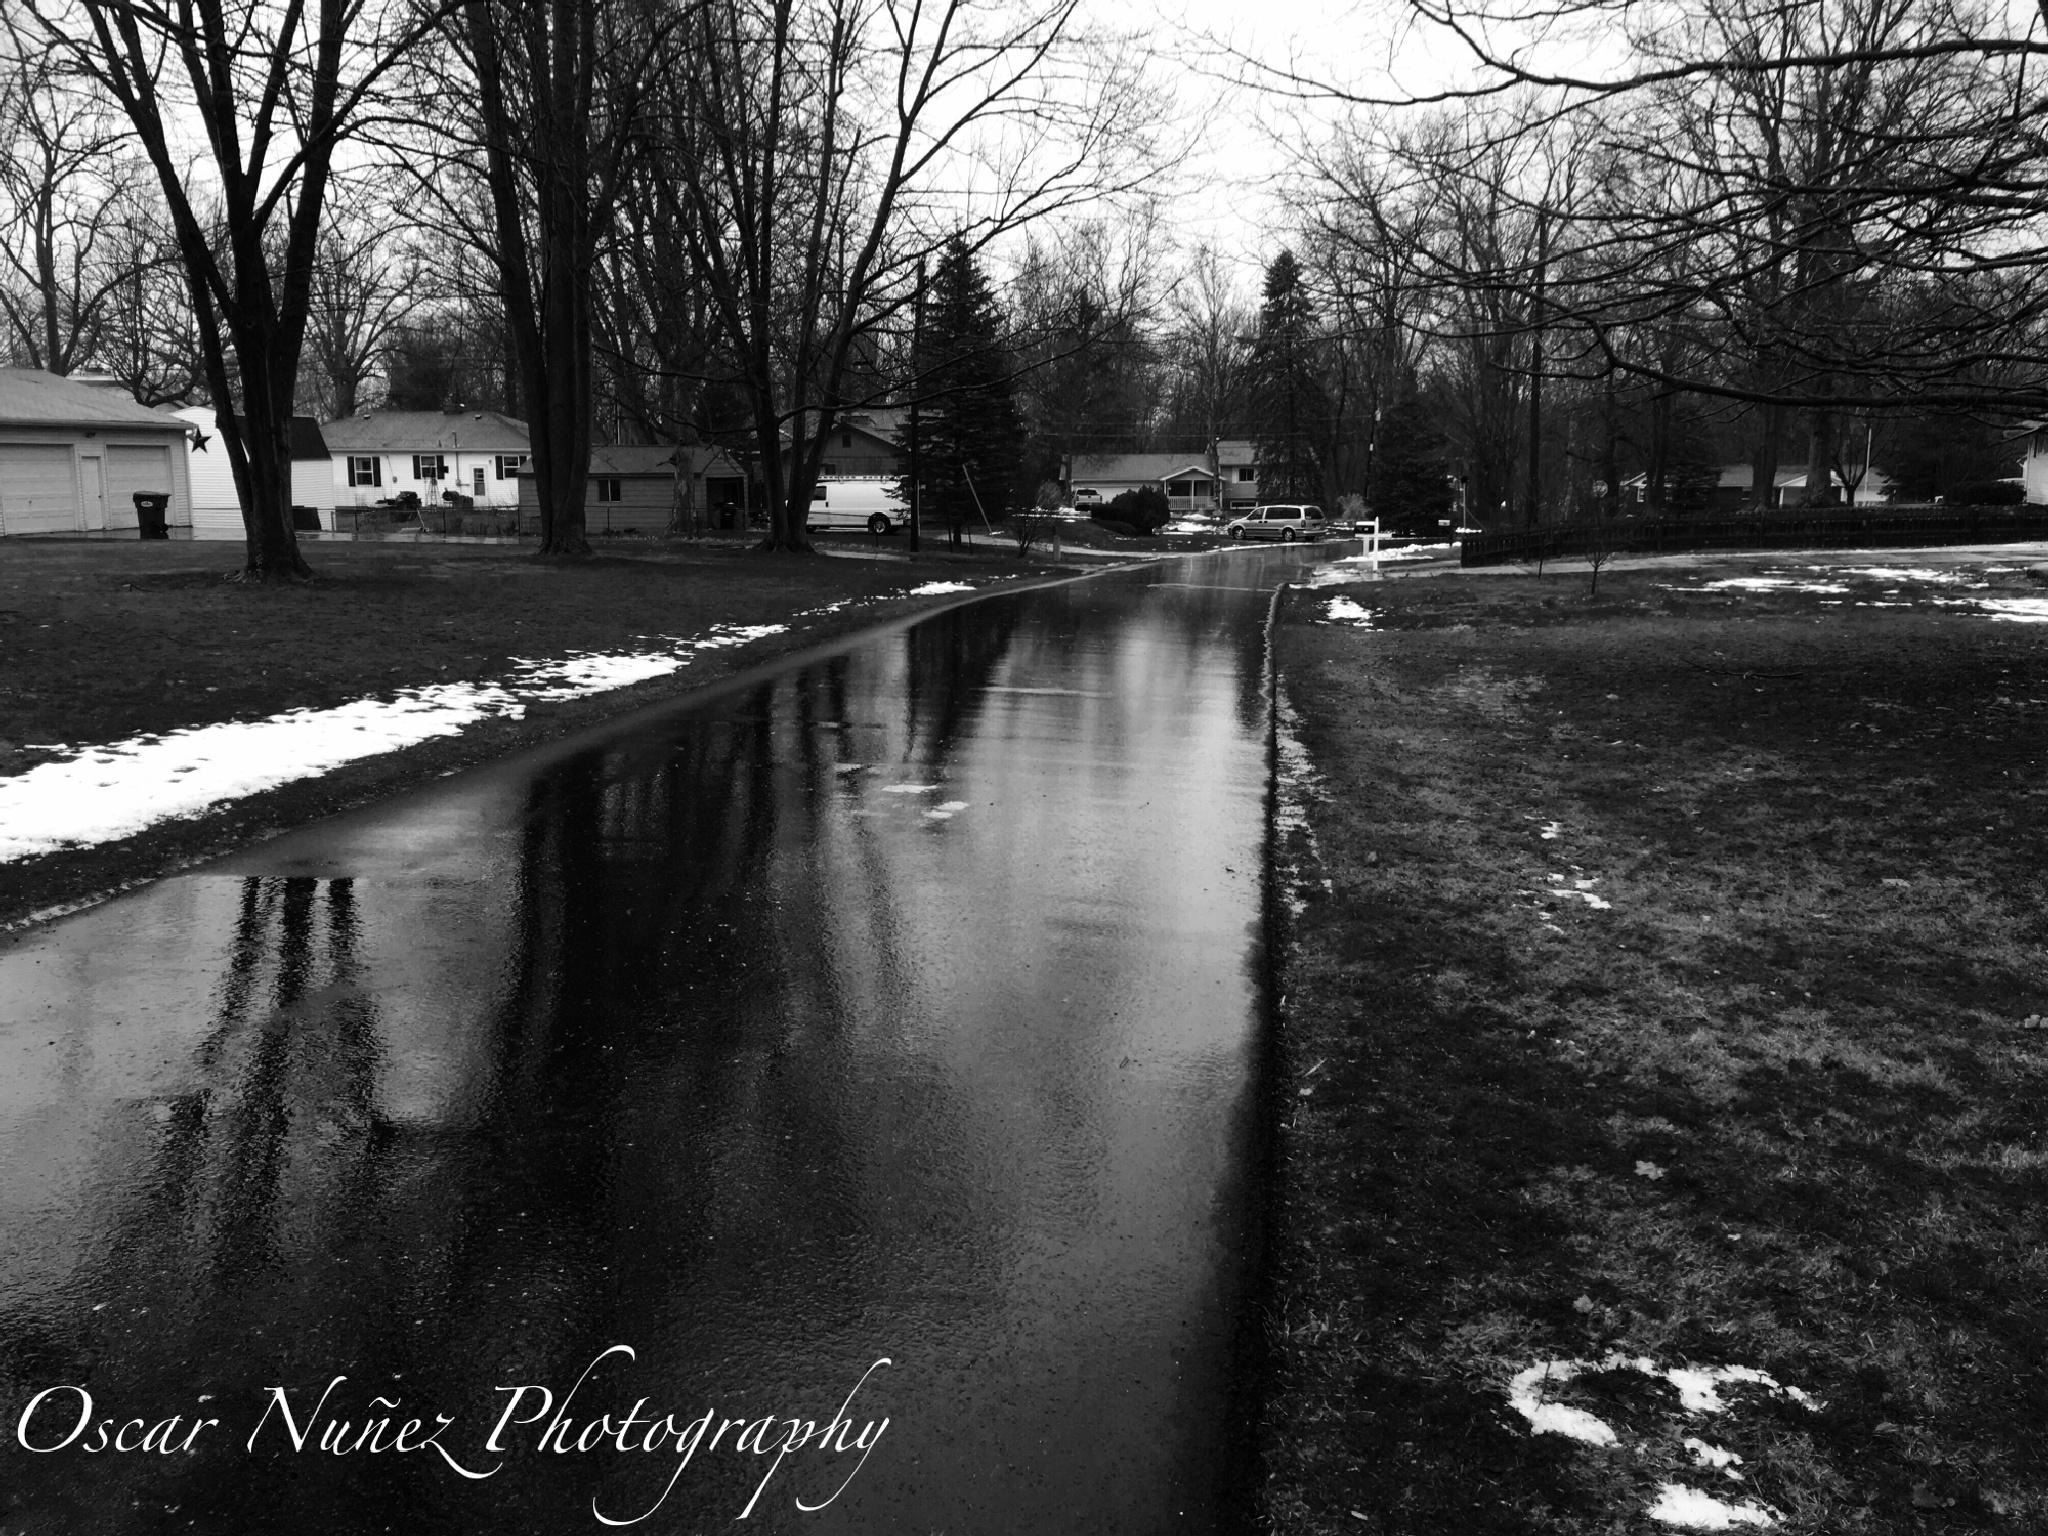 Rainy Days! by Oscar Nuñez